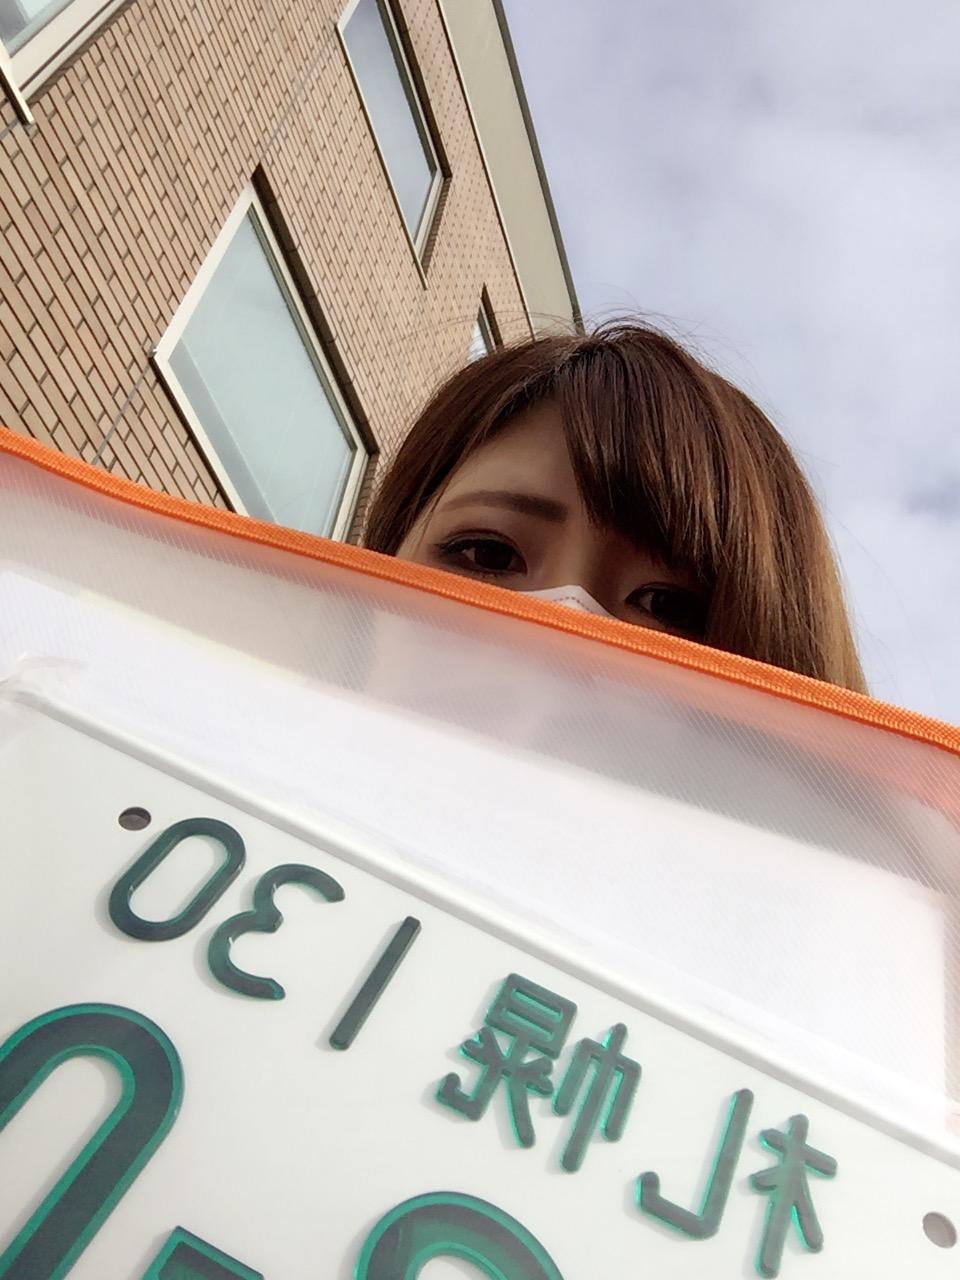 1月17日(火) 火曜日のみんなブログヽ( 'ω' )ノ ランクル・ハマーの構造変更もお任せ下さい♫TOMMY_b0127002_18195783.jpg